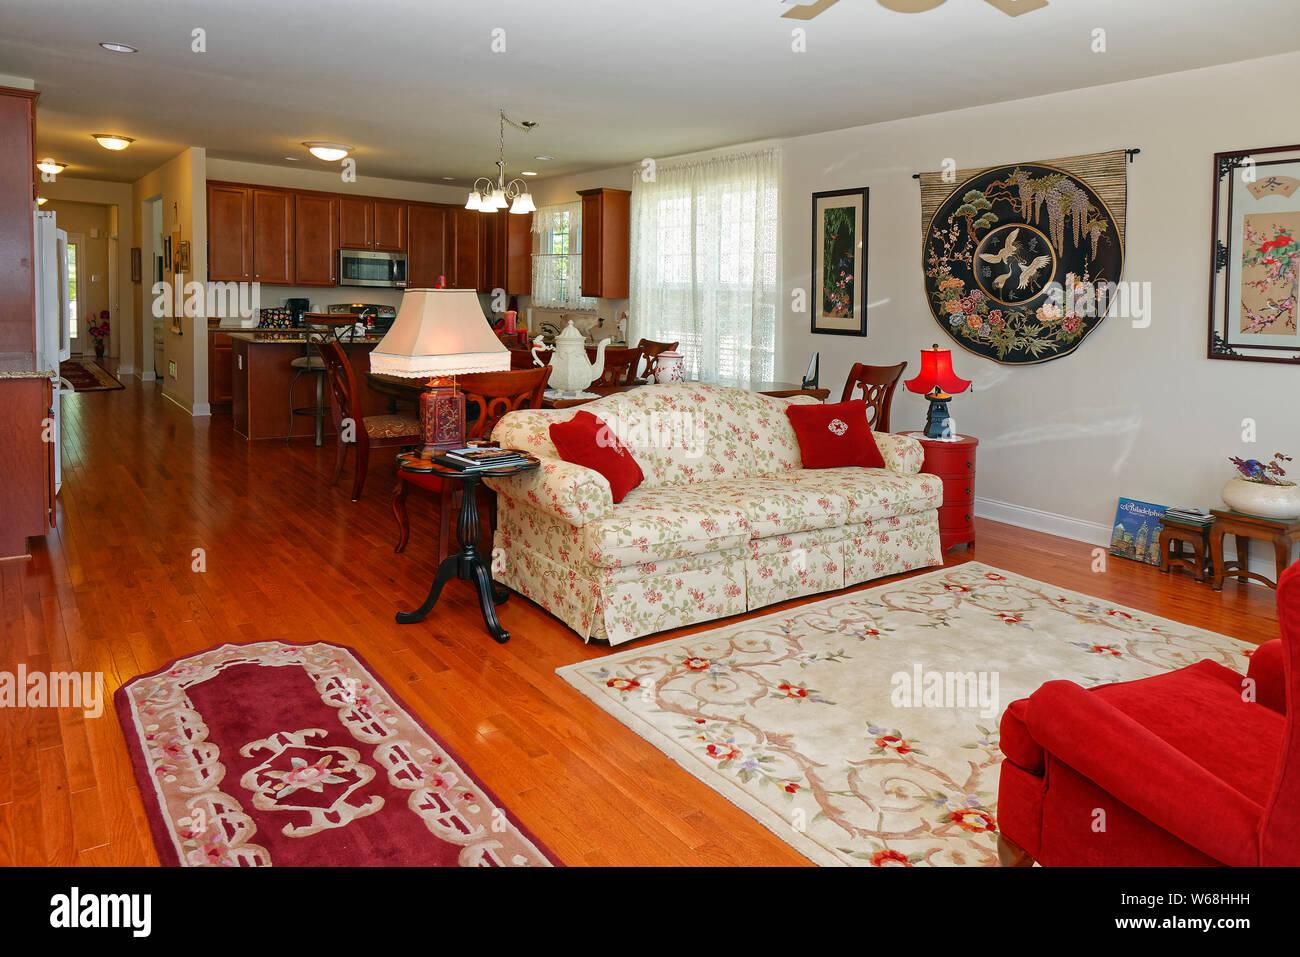 Gran habitación, piso de madera, armarios, vestíbulo, salón ...